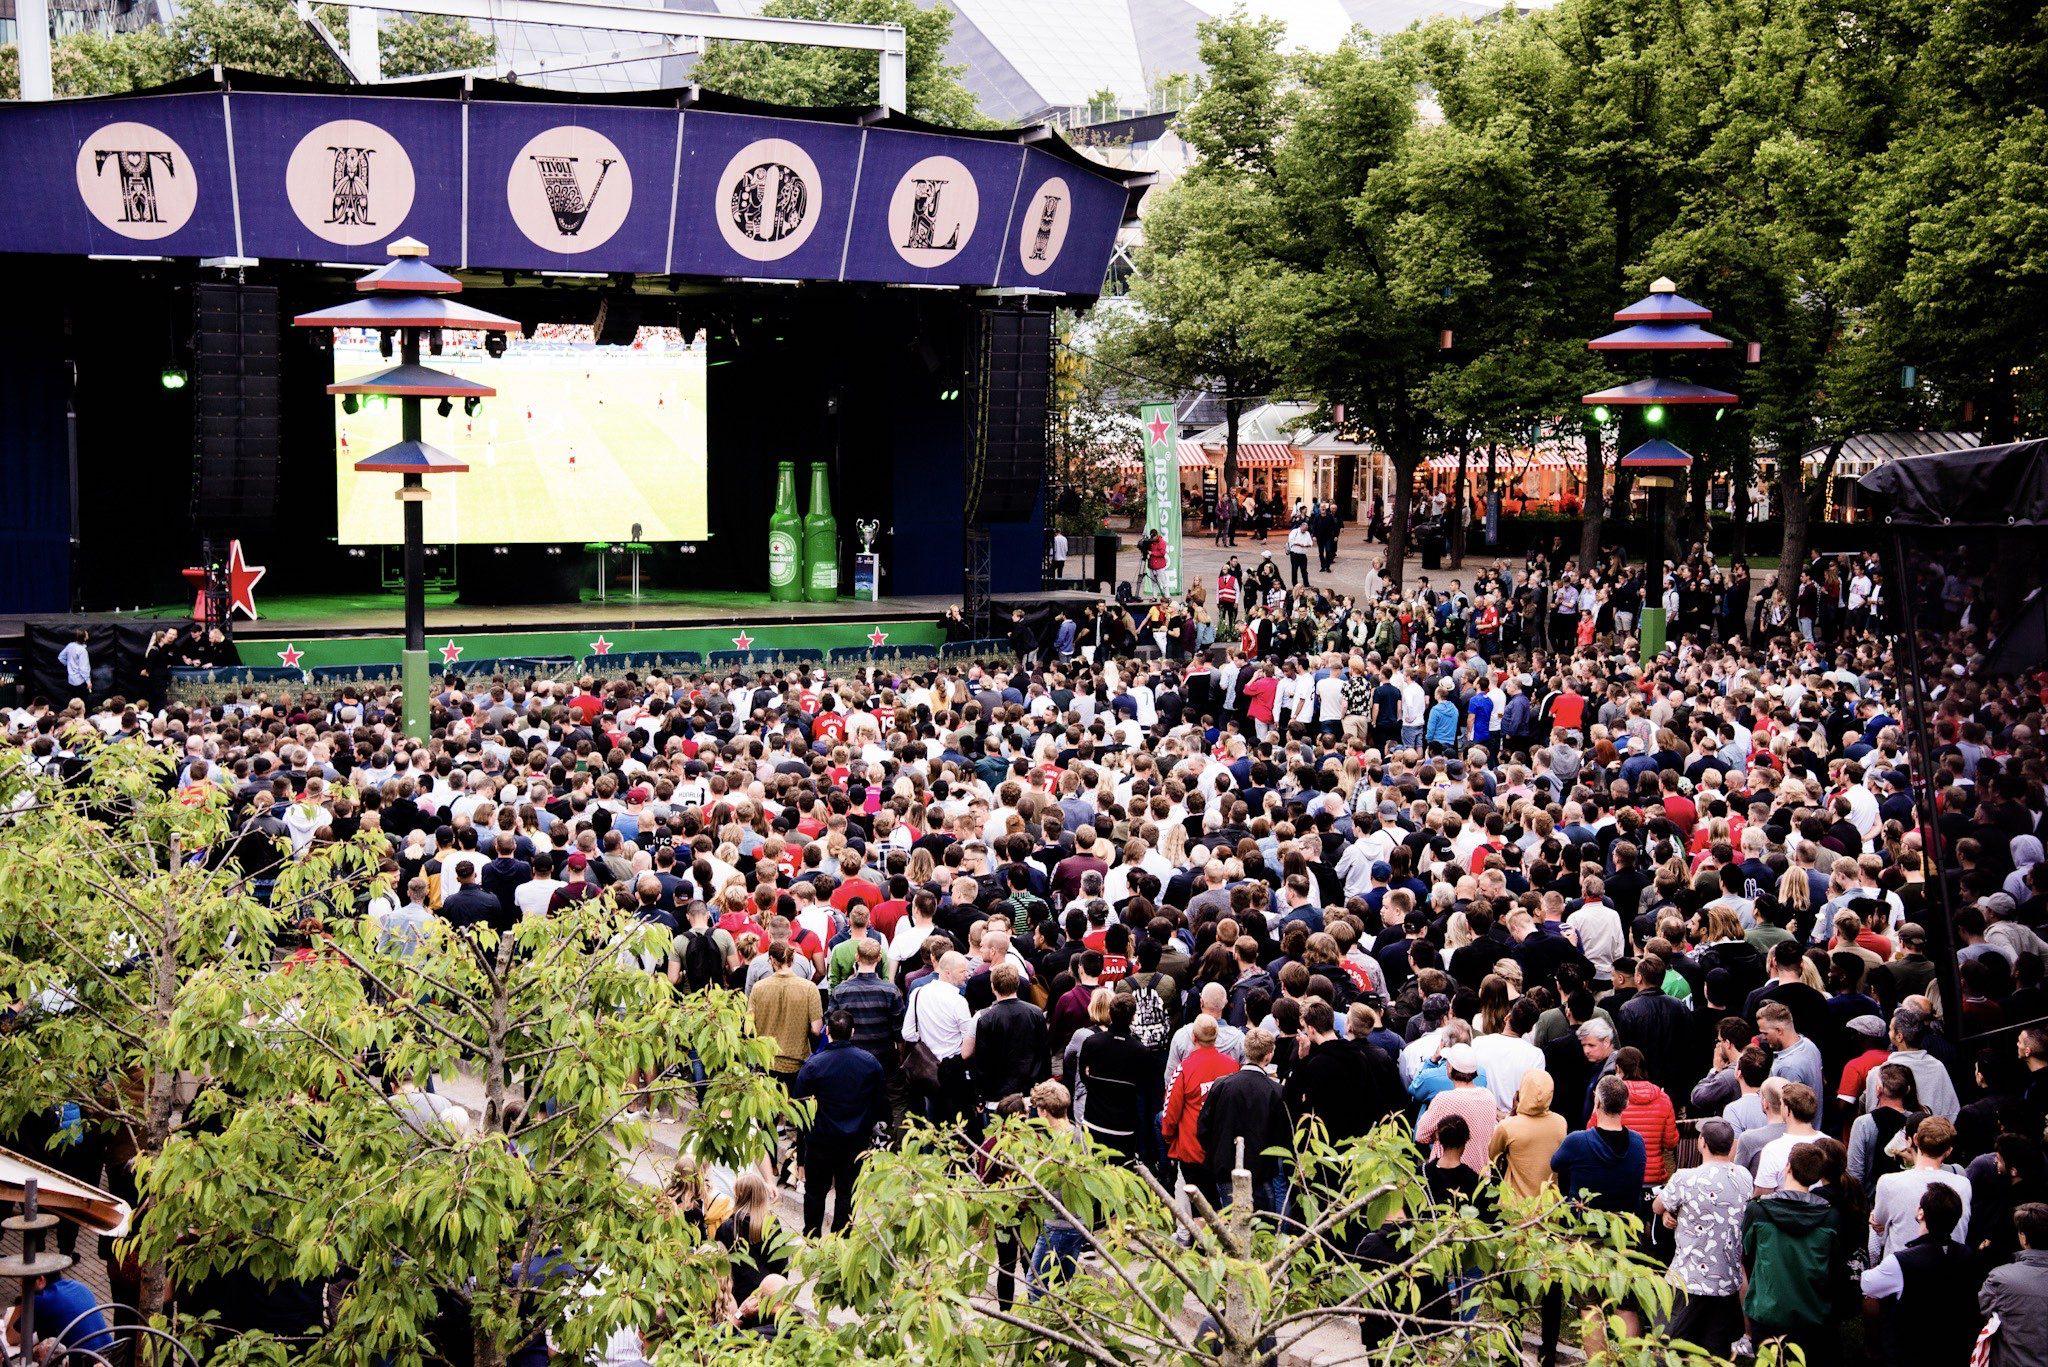 Arkivfoto fra Tivoli fra tidligere fodboldfinale på storskærmen vist på plænen. Det sker igen på lørdag.